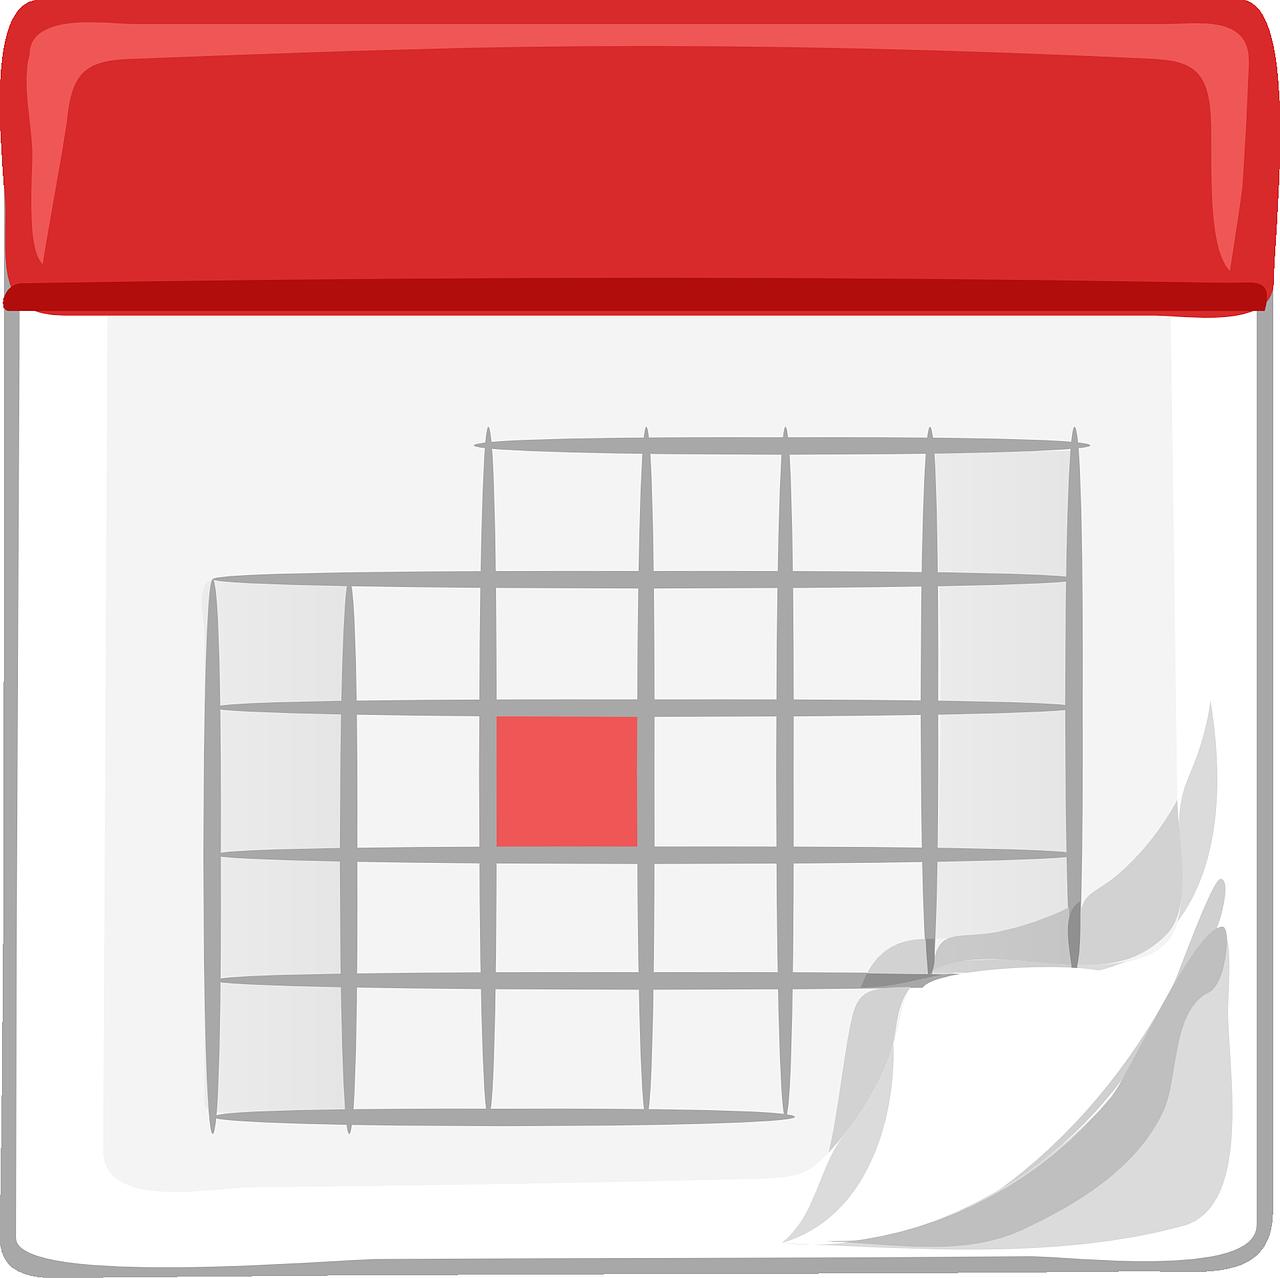 calendar-23684_1280.png